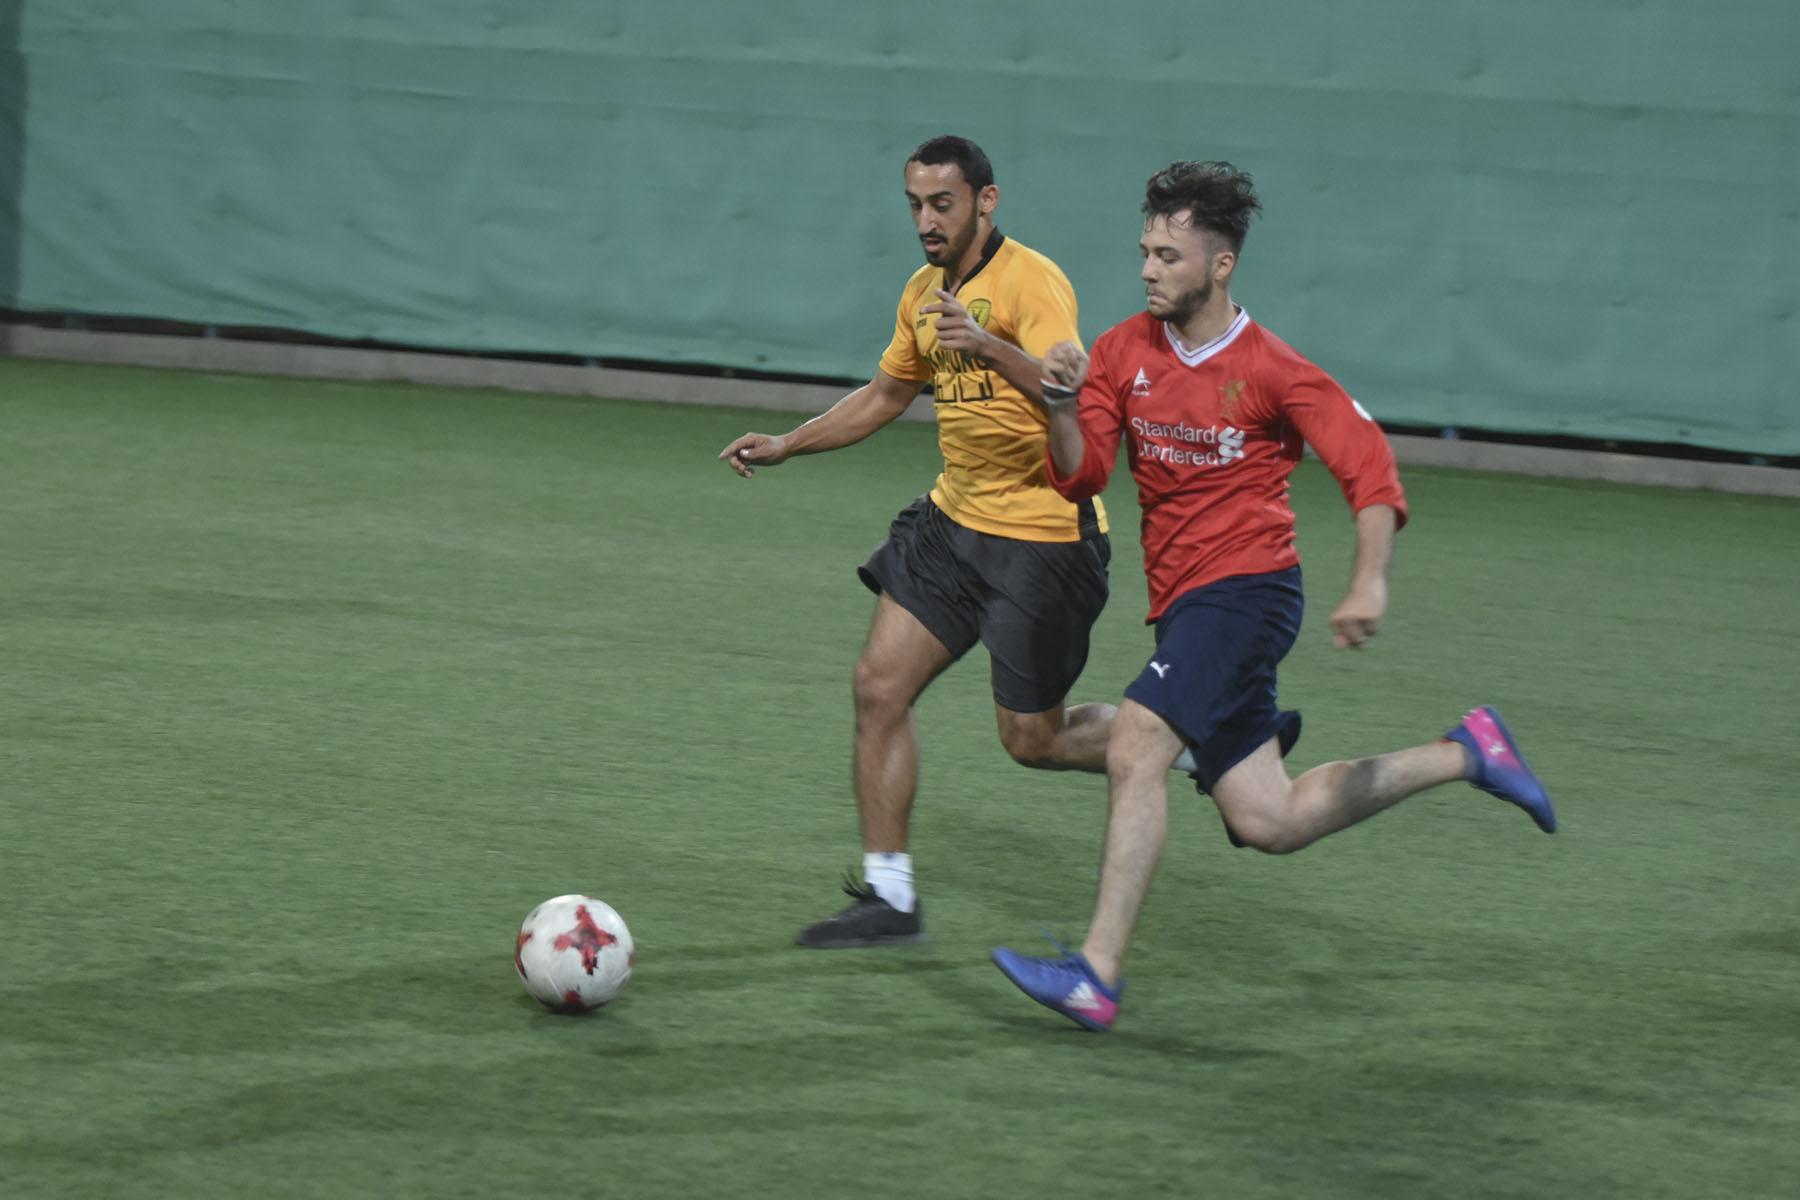 6 فرق تتنافس بقوة في بطولة الكليات لكرة القدم